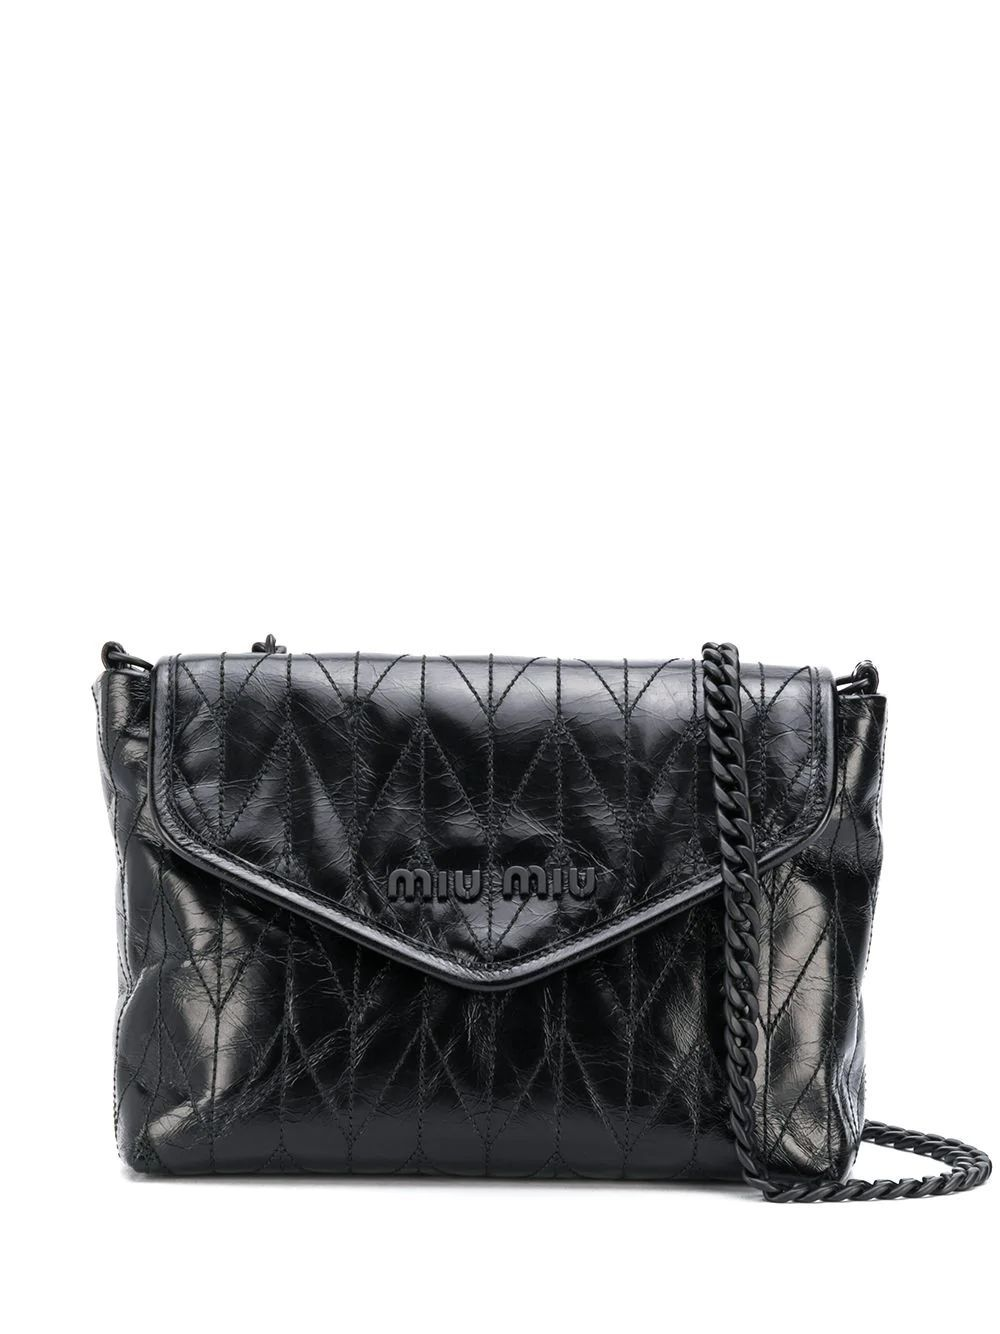 MIU MIU WOMEN'S 5BH1752D6CF0002 BLACK LEATHER SHOULDER BAG